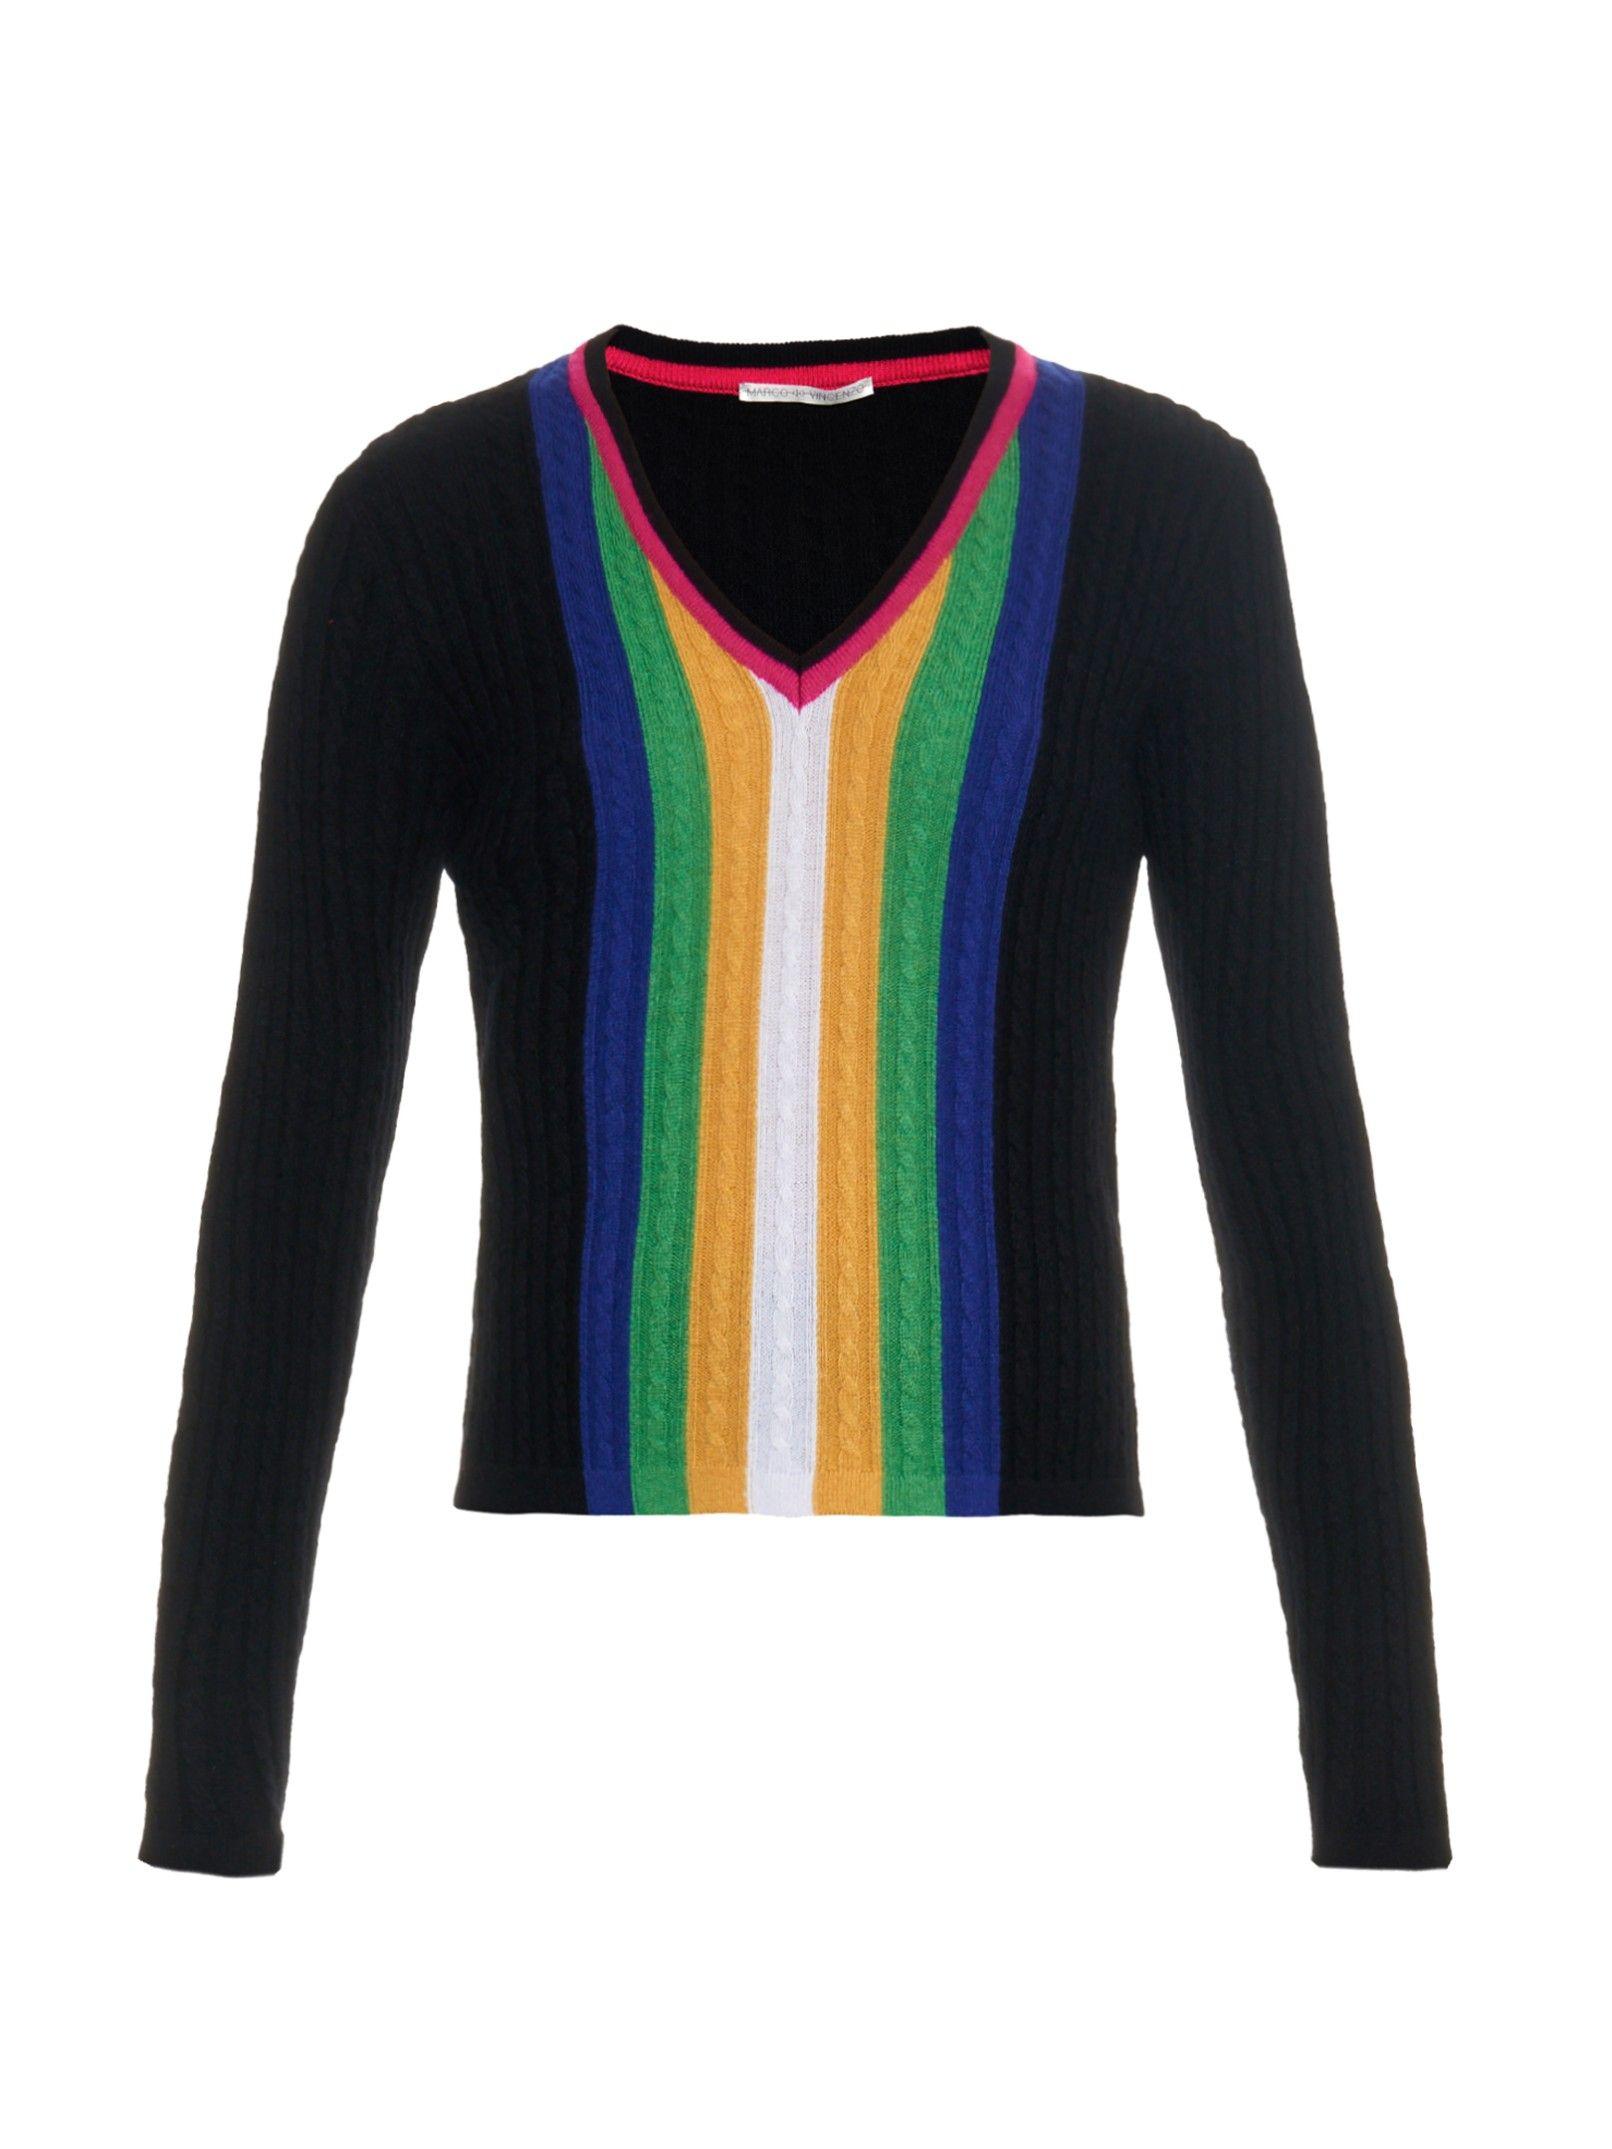 Cashmere cable-knit sweater | Marco De Vincenzo | Knit&Crochet ...